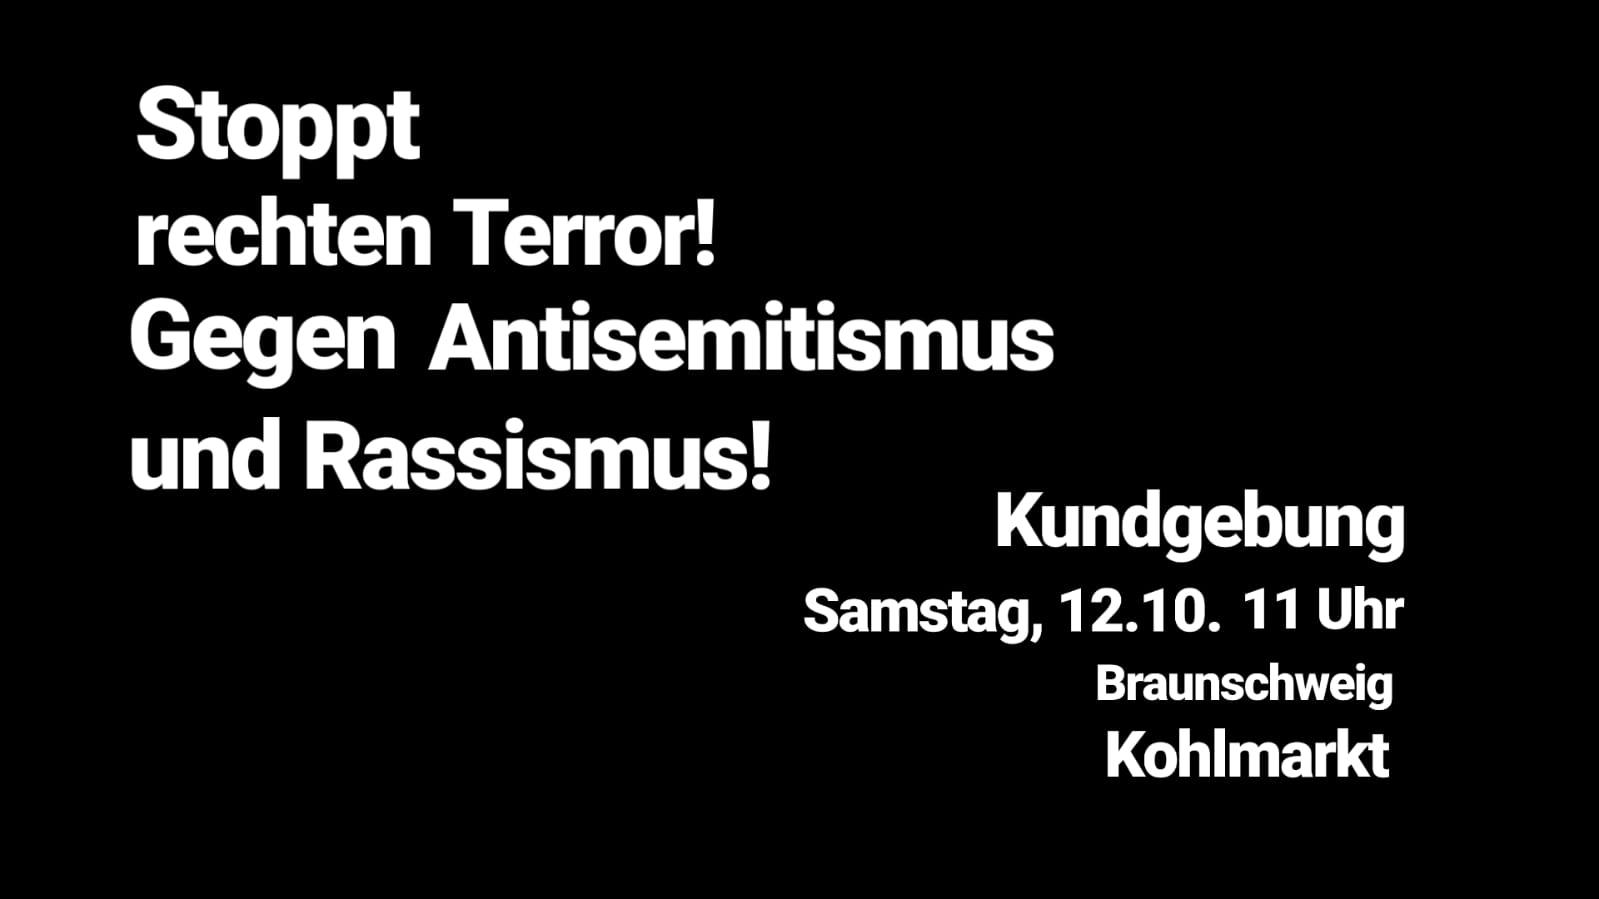 Stoppt rechten Terror! Gegen Antisemitismus und Rassismus!